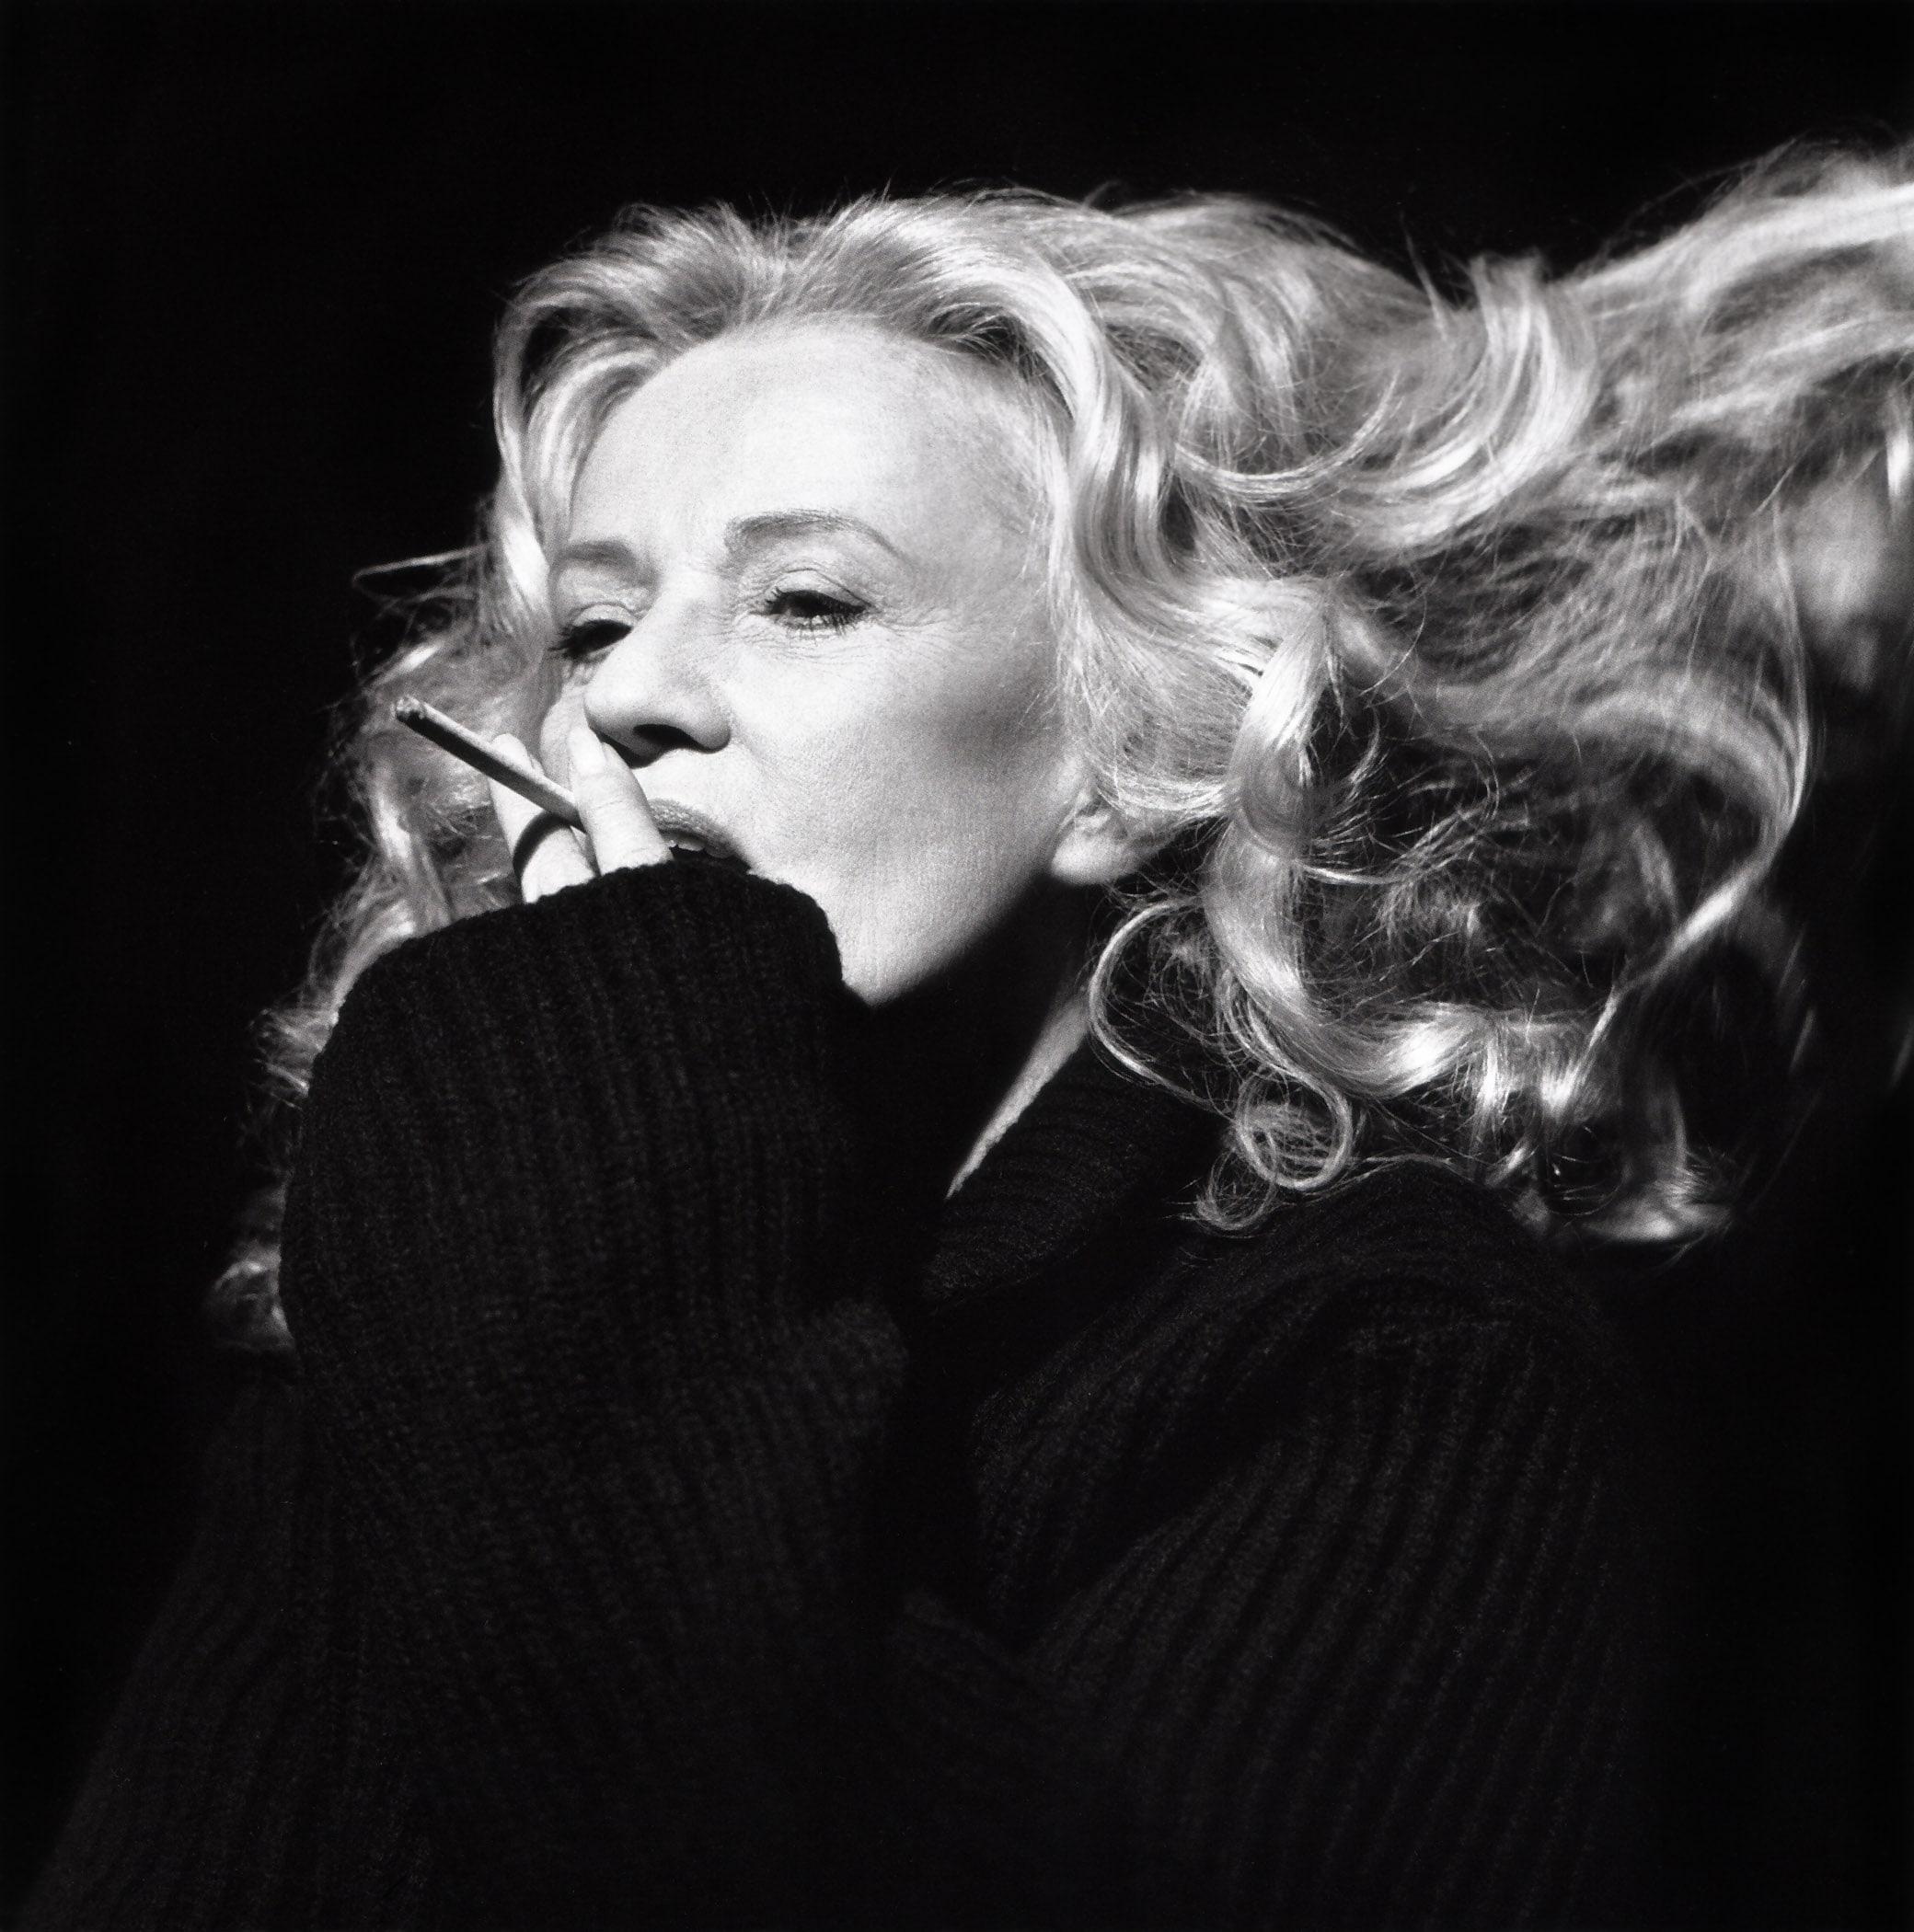 Jeanne Moreau Wallpapers hd